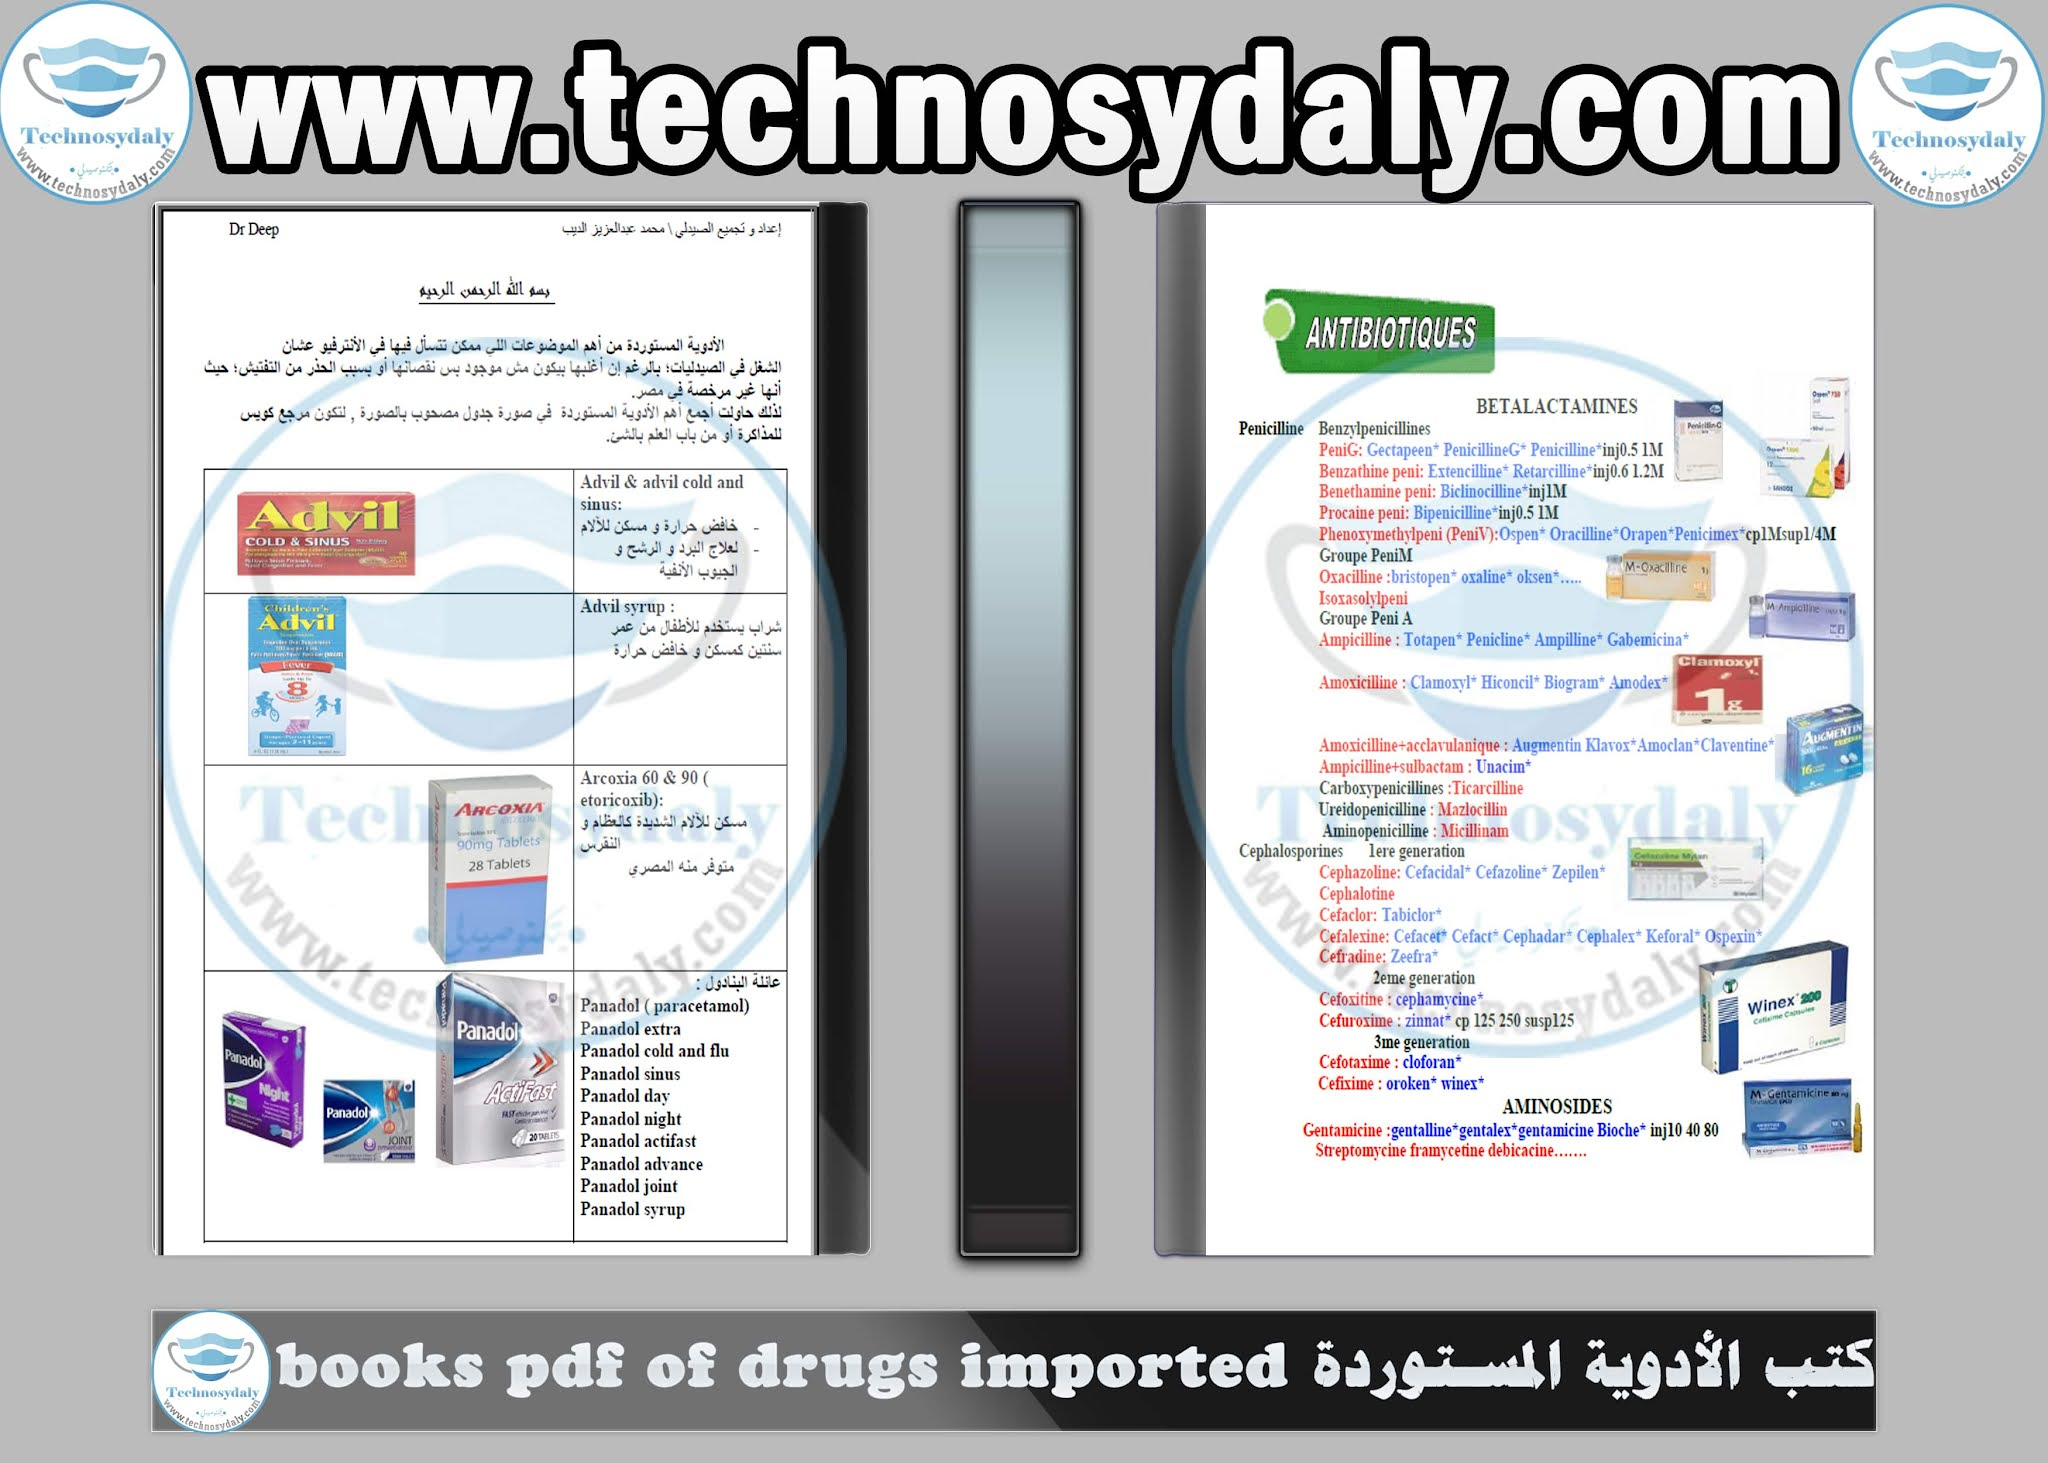 كتب الأدوية المستوردة Books PDF of drugs imported from abroad